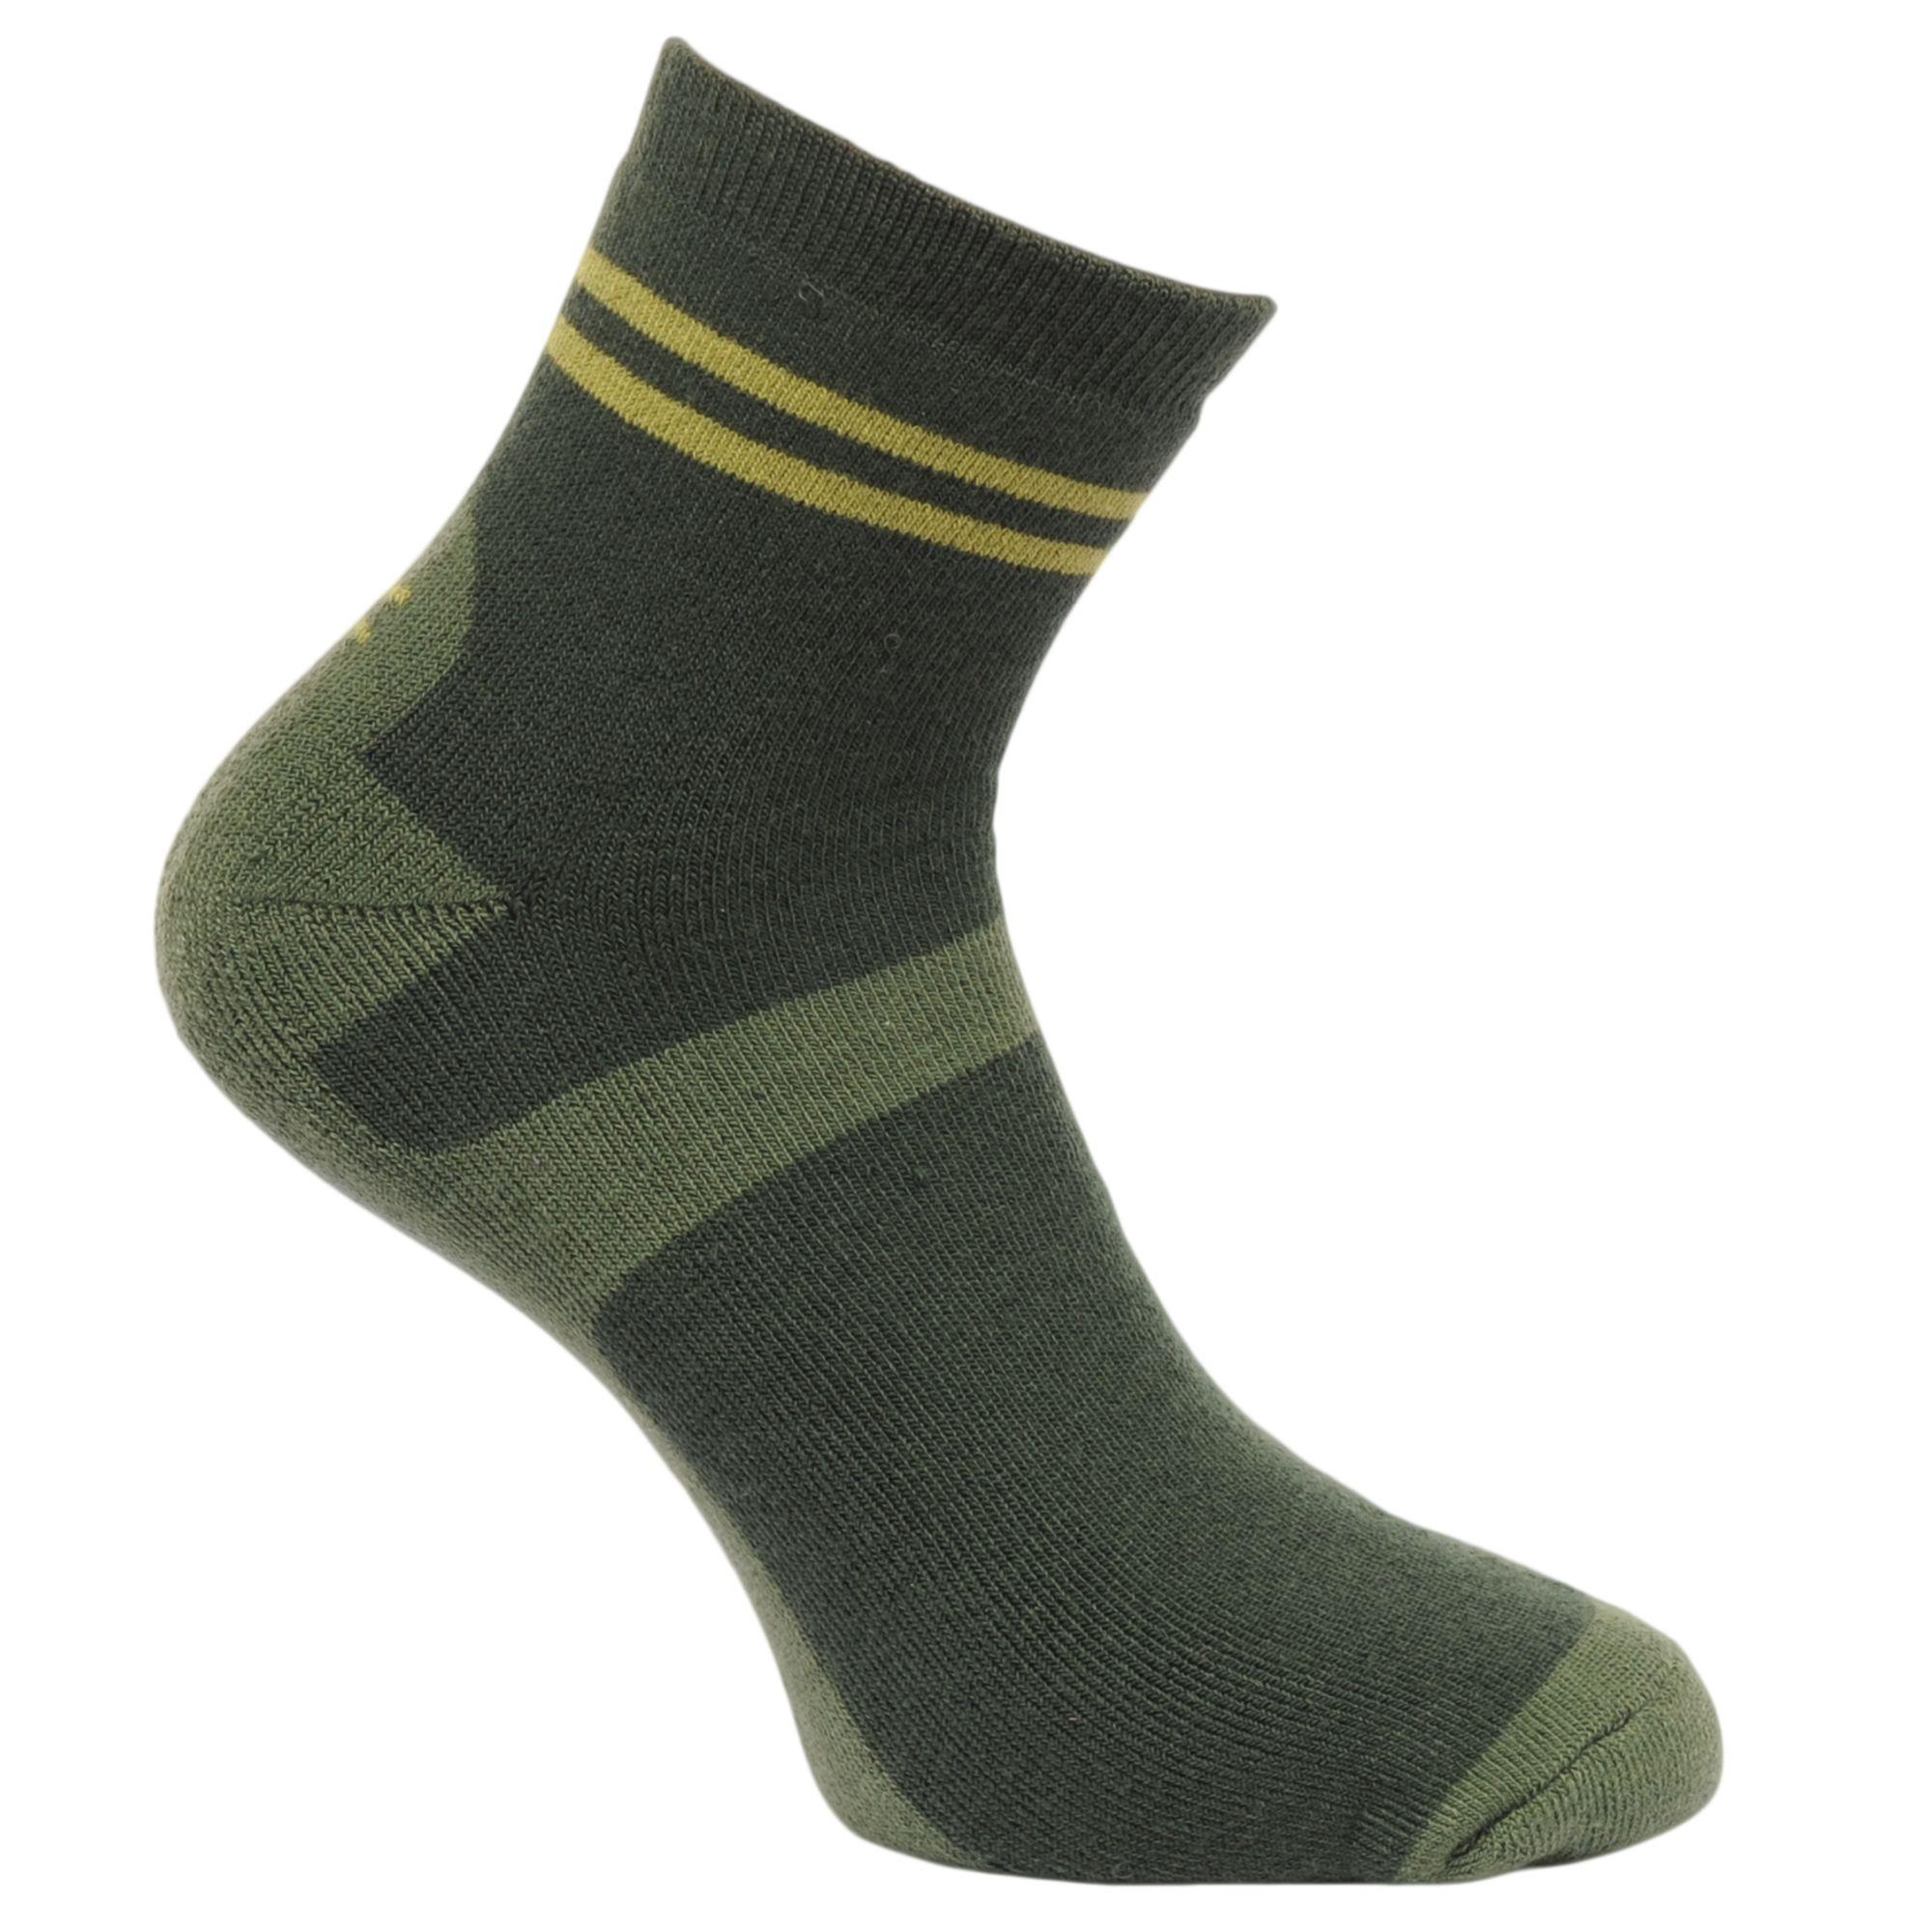 Regatta-Lifestyle-Chaussettes-de-randonnee-lot-de-3-paires-Homme-RG791 miniature 8